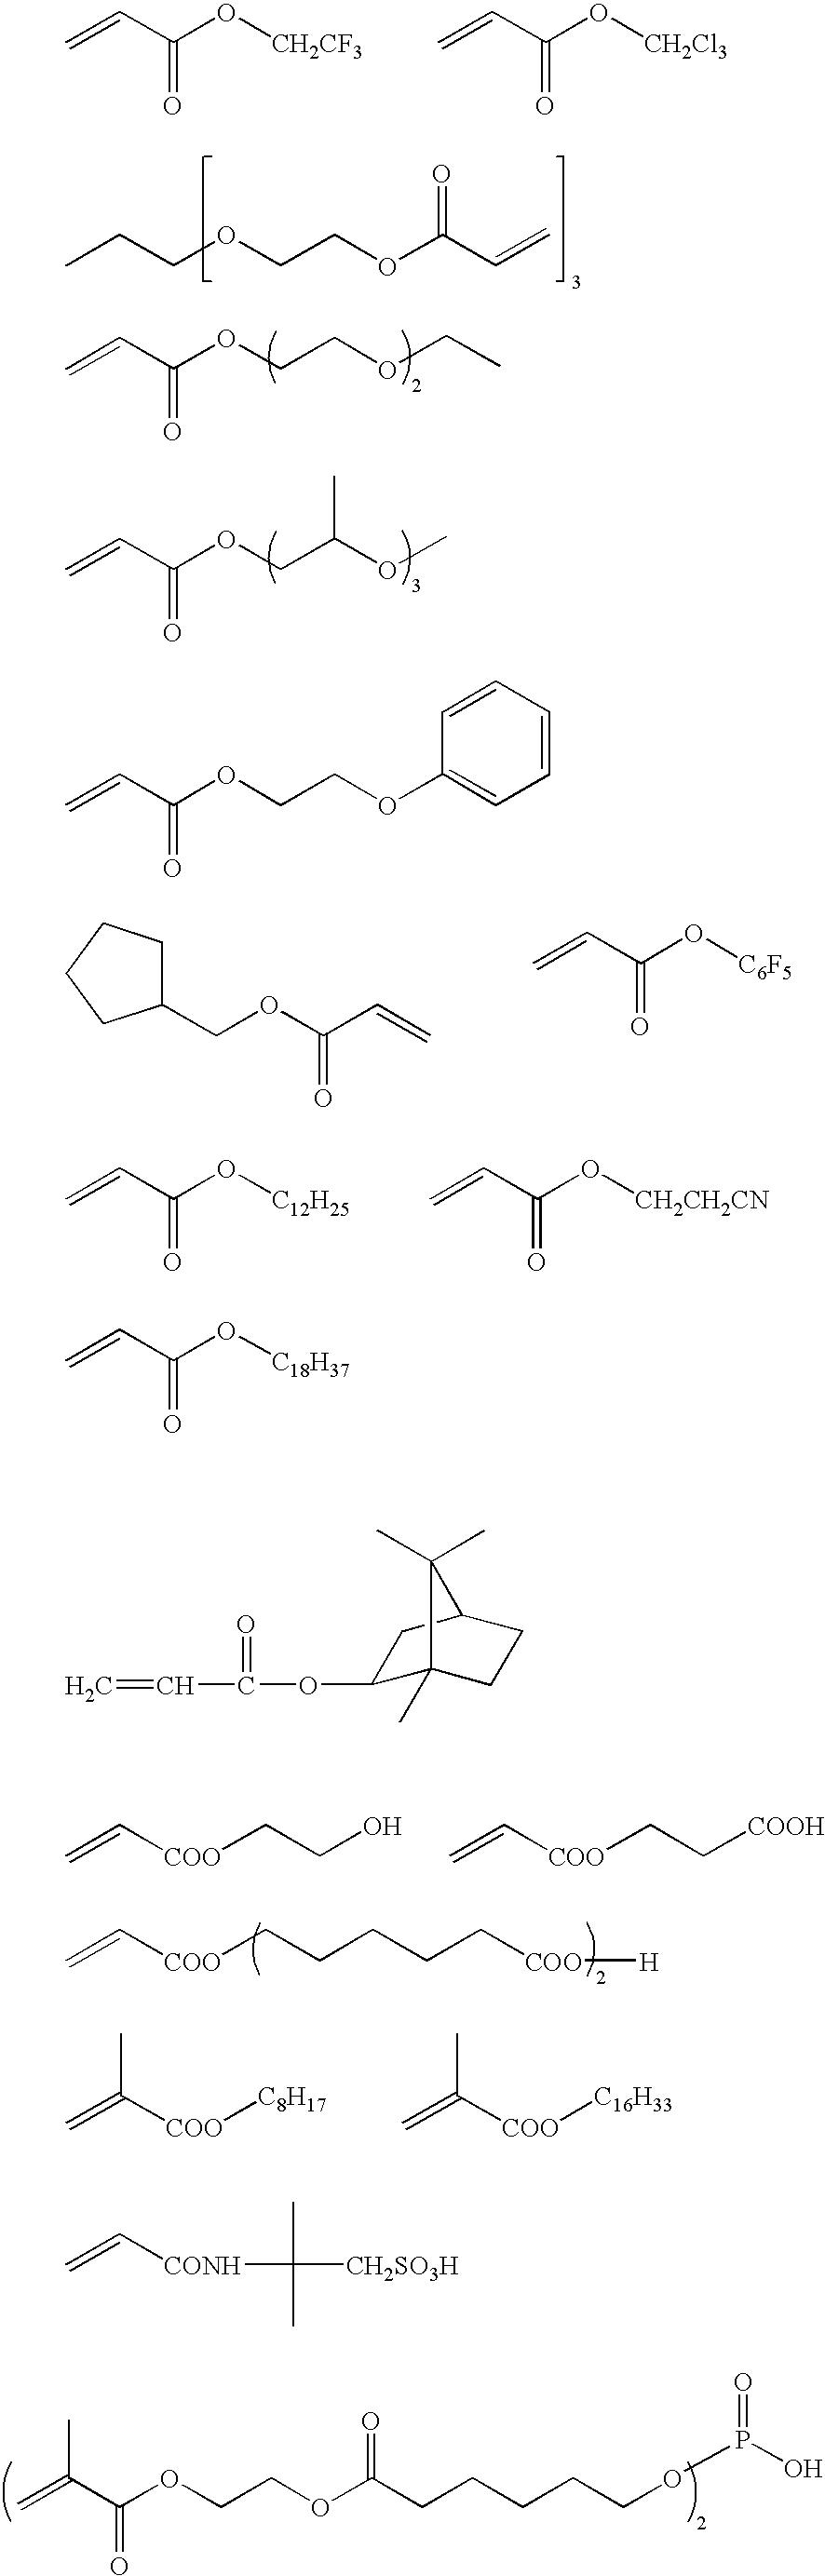 Figure US08586189-20131119-C00007